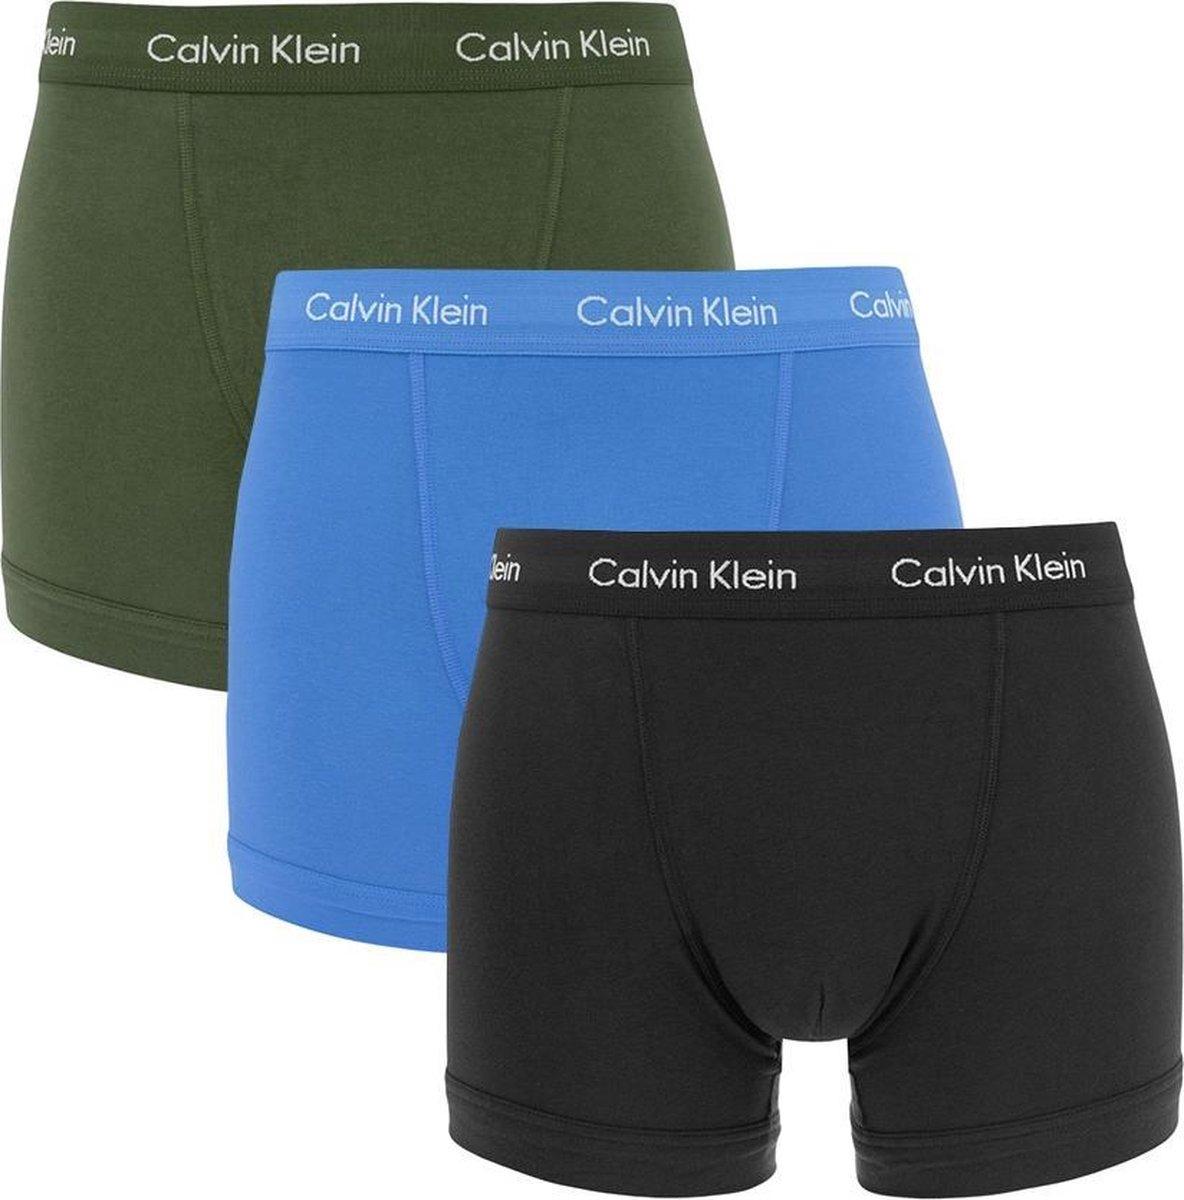 Calvin Klein Trunks (3-pack) - boxers normale lengte - zwart - kobaltblauw en olijfgroen -  Maat: M